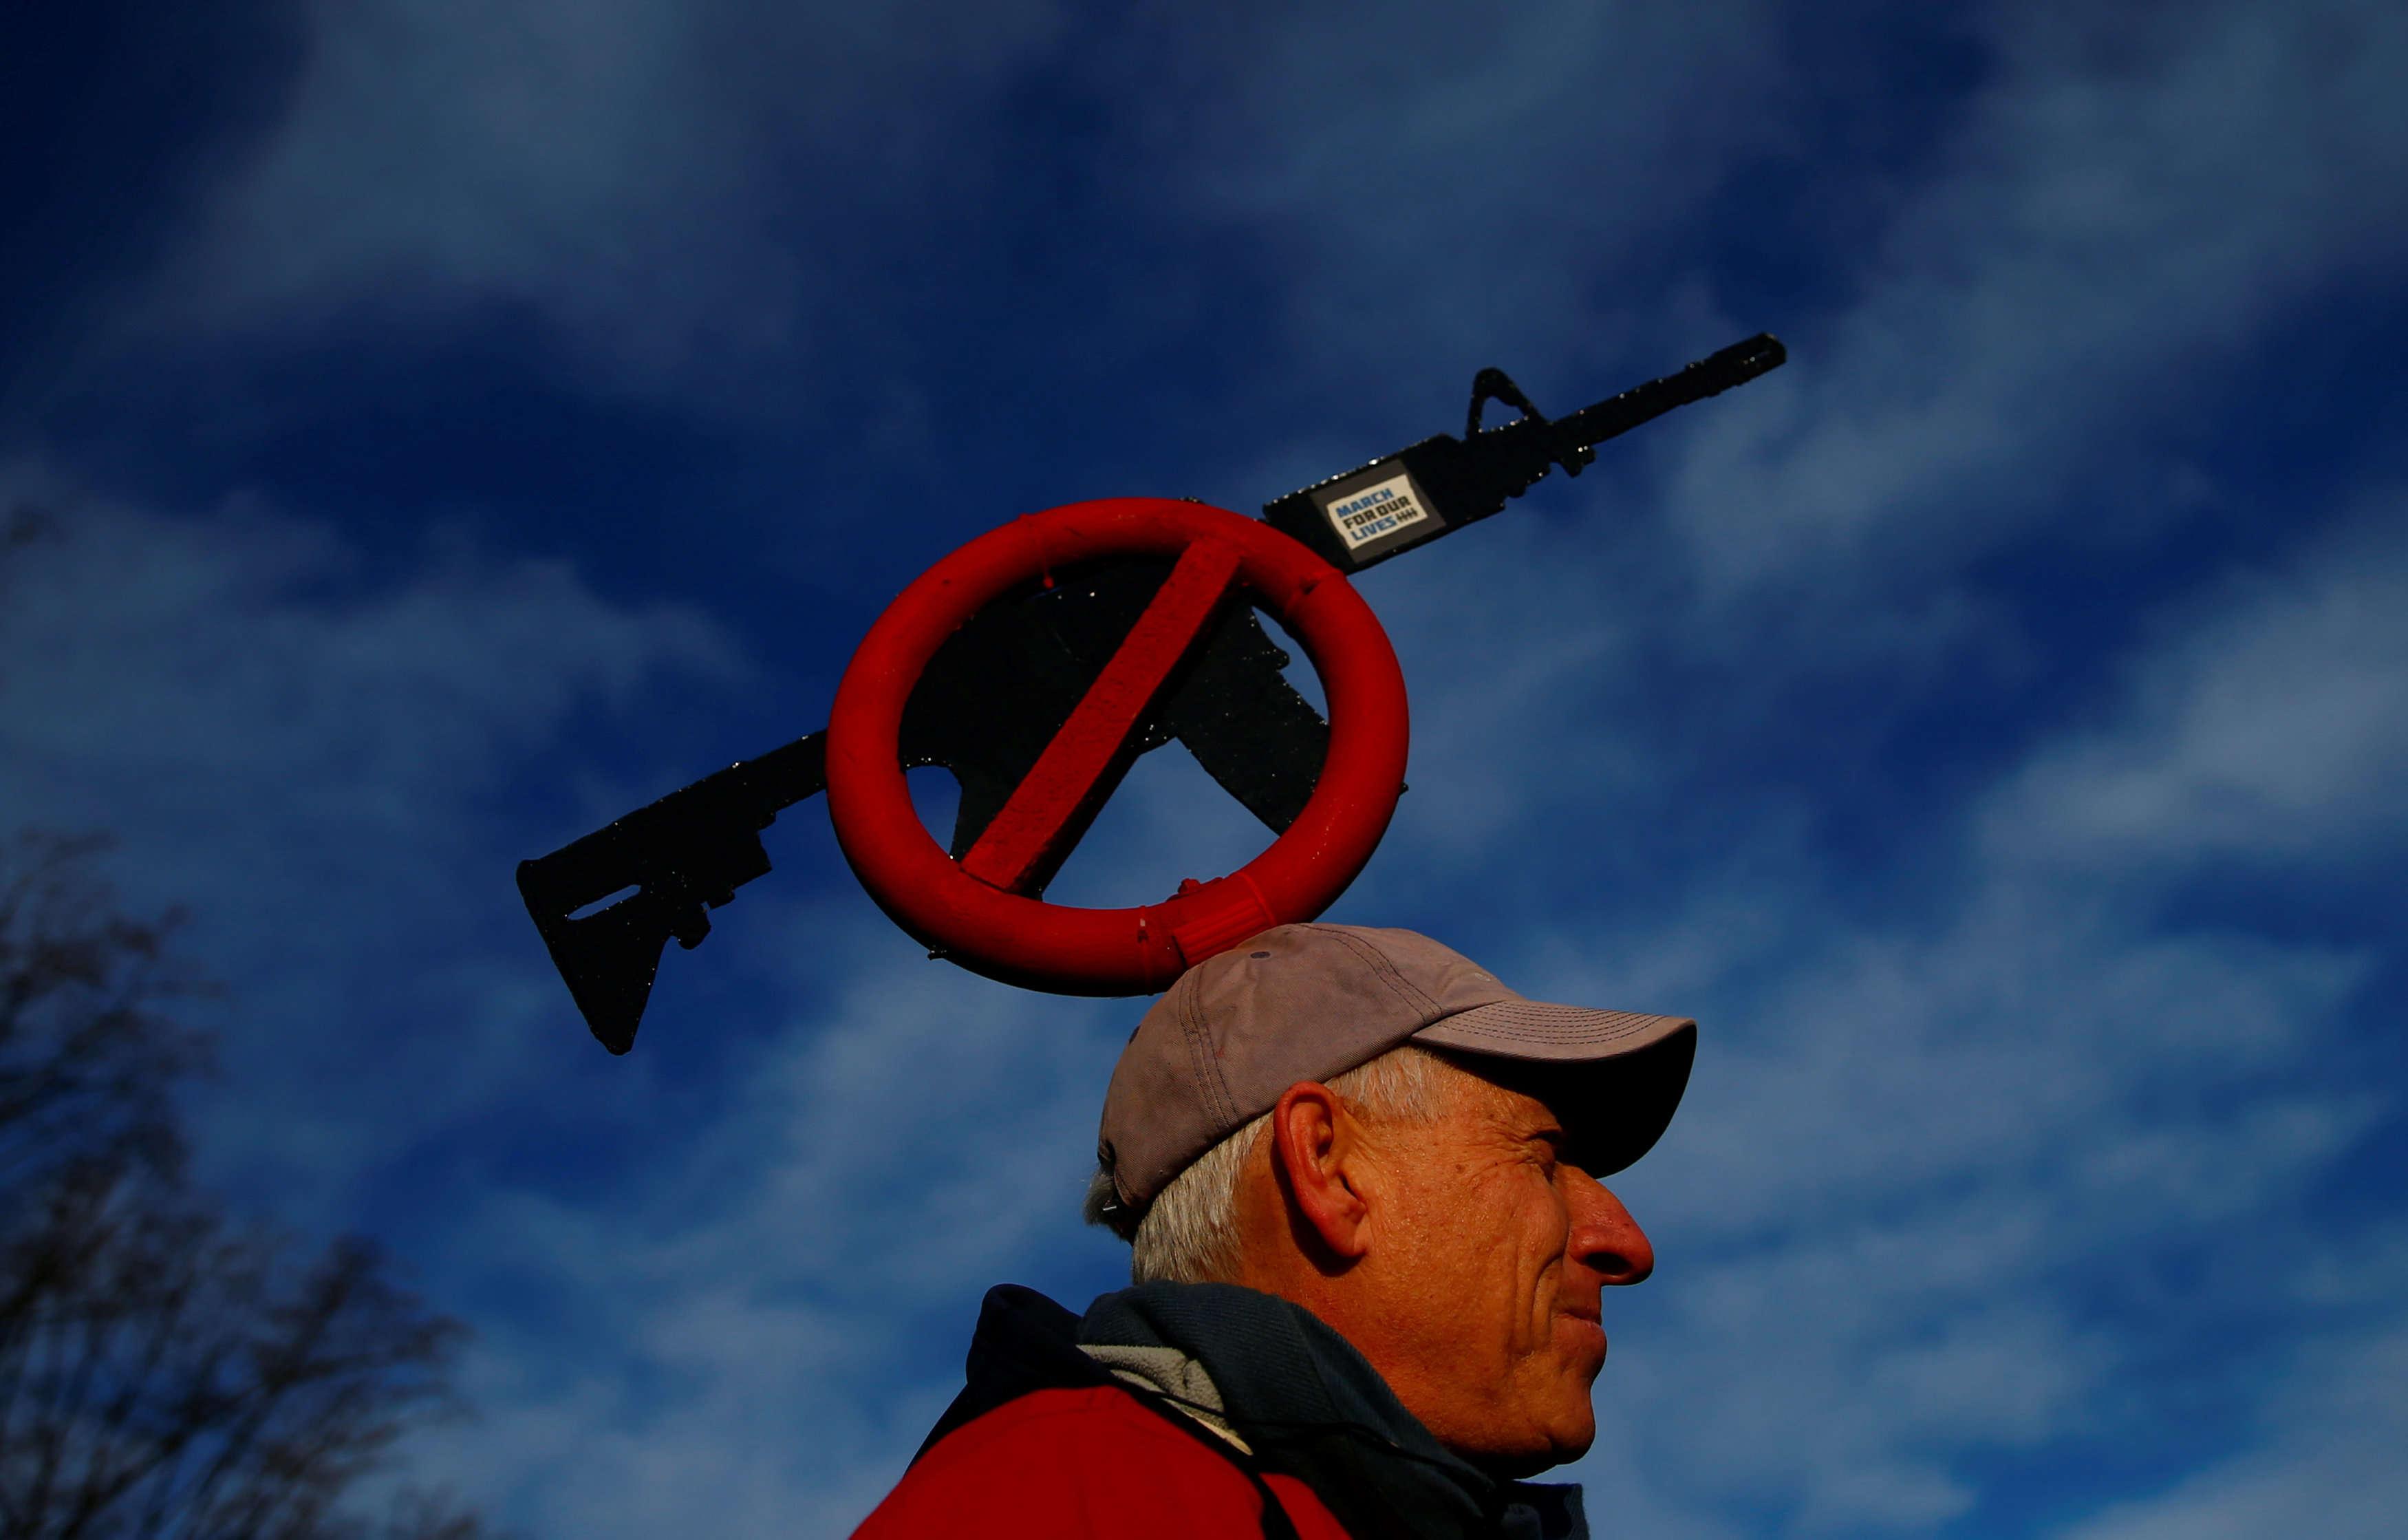 Les armes font plus de 30 000 morts par an aux Etats-Unis, où la jeunesse scolarisée est parfois présentée comme la «génération mass shooting» ou la «génération Columbine», du nom d'une école secondaire du Colorado où deux élèves ont tué douze de leurs camarades de classe et un professeur en 1999.